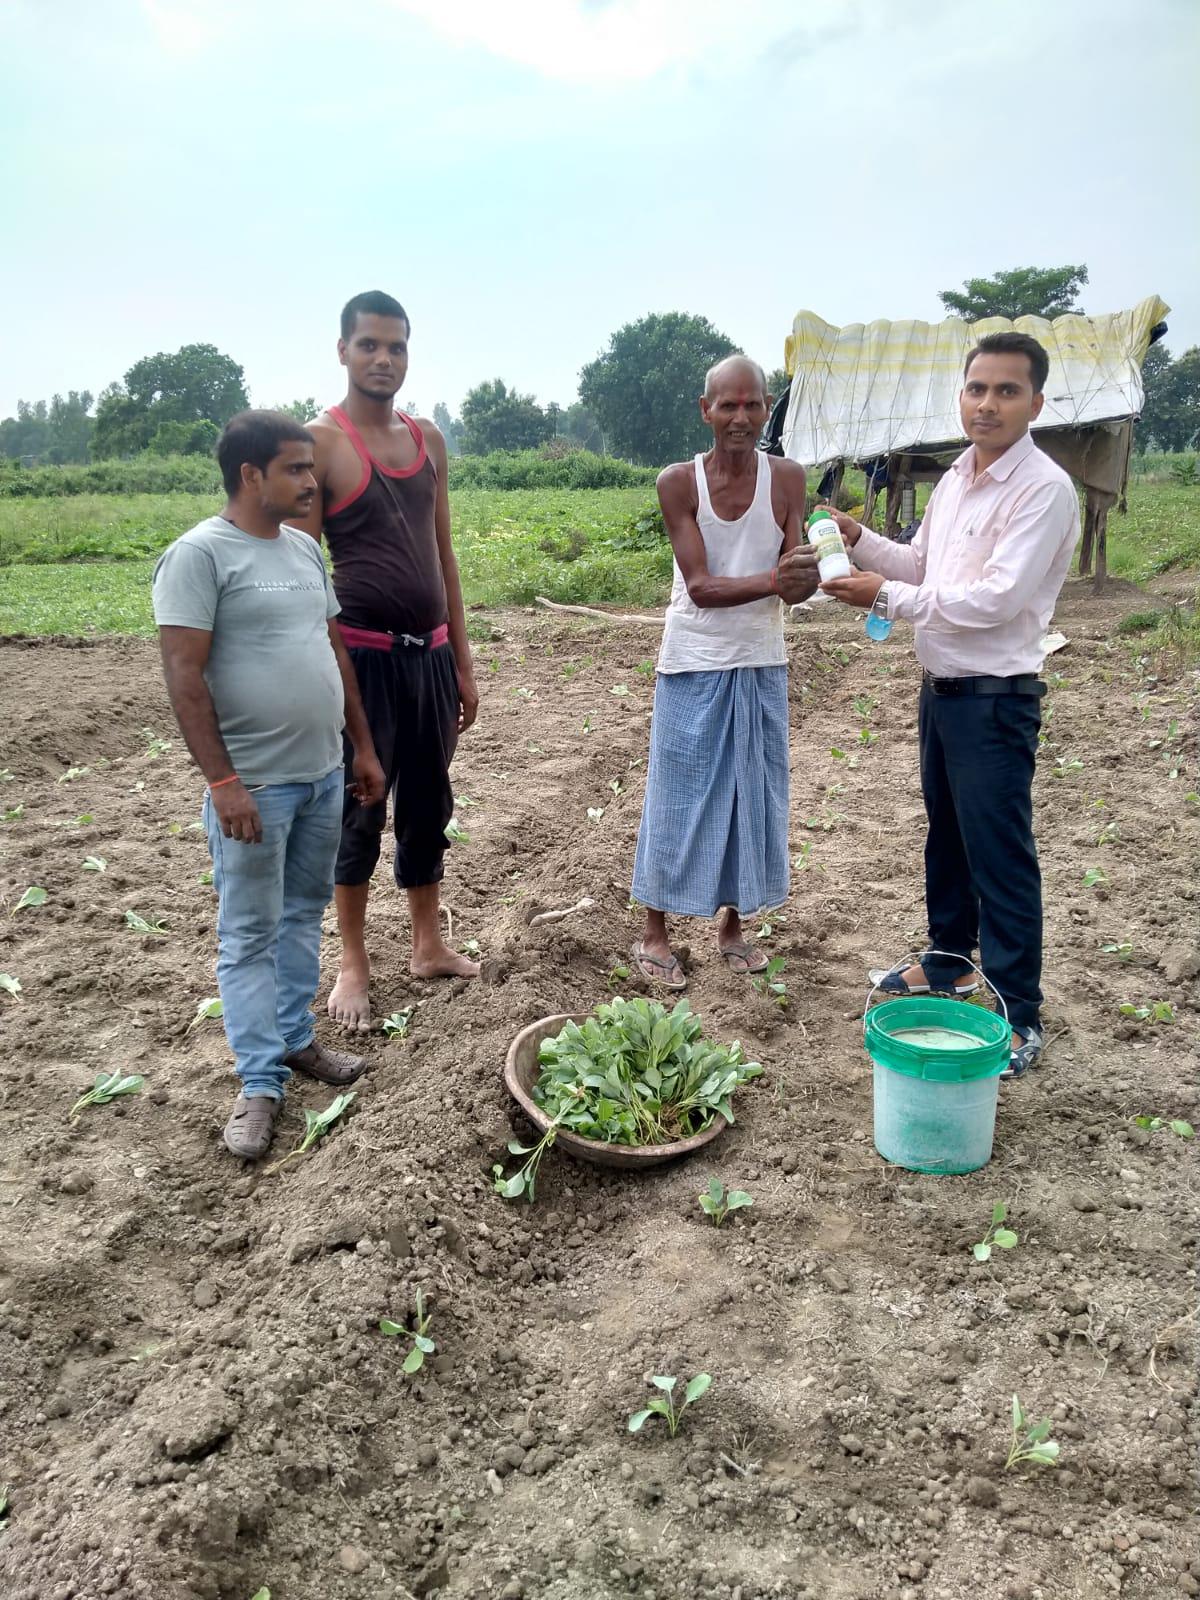 Photo of किसानों के लिए खुशखबरी: इफको ने लांच किया यह नया प्रोडक्ट, कम दाम में मिलेगी बेहतर उपज व होगी पैसों की बचत